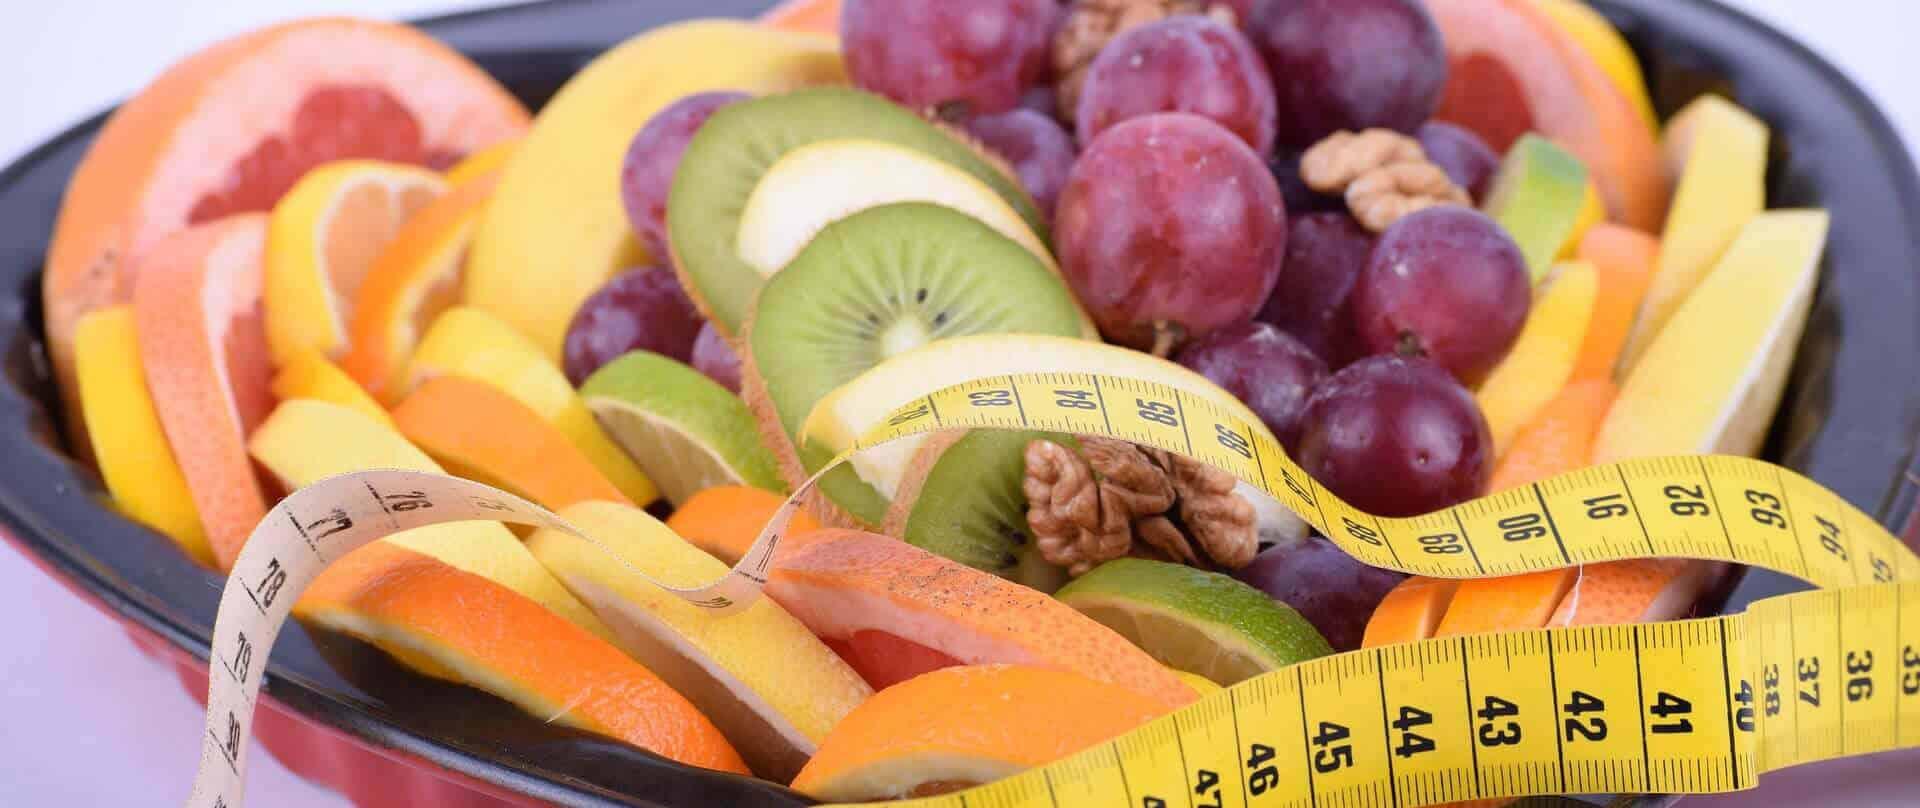 Le choix d'un concentré de jus de fruits pour une bonne santé